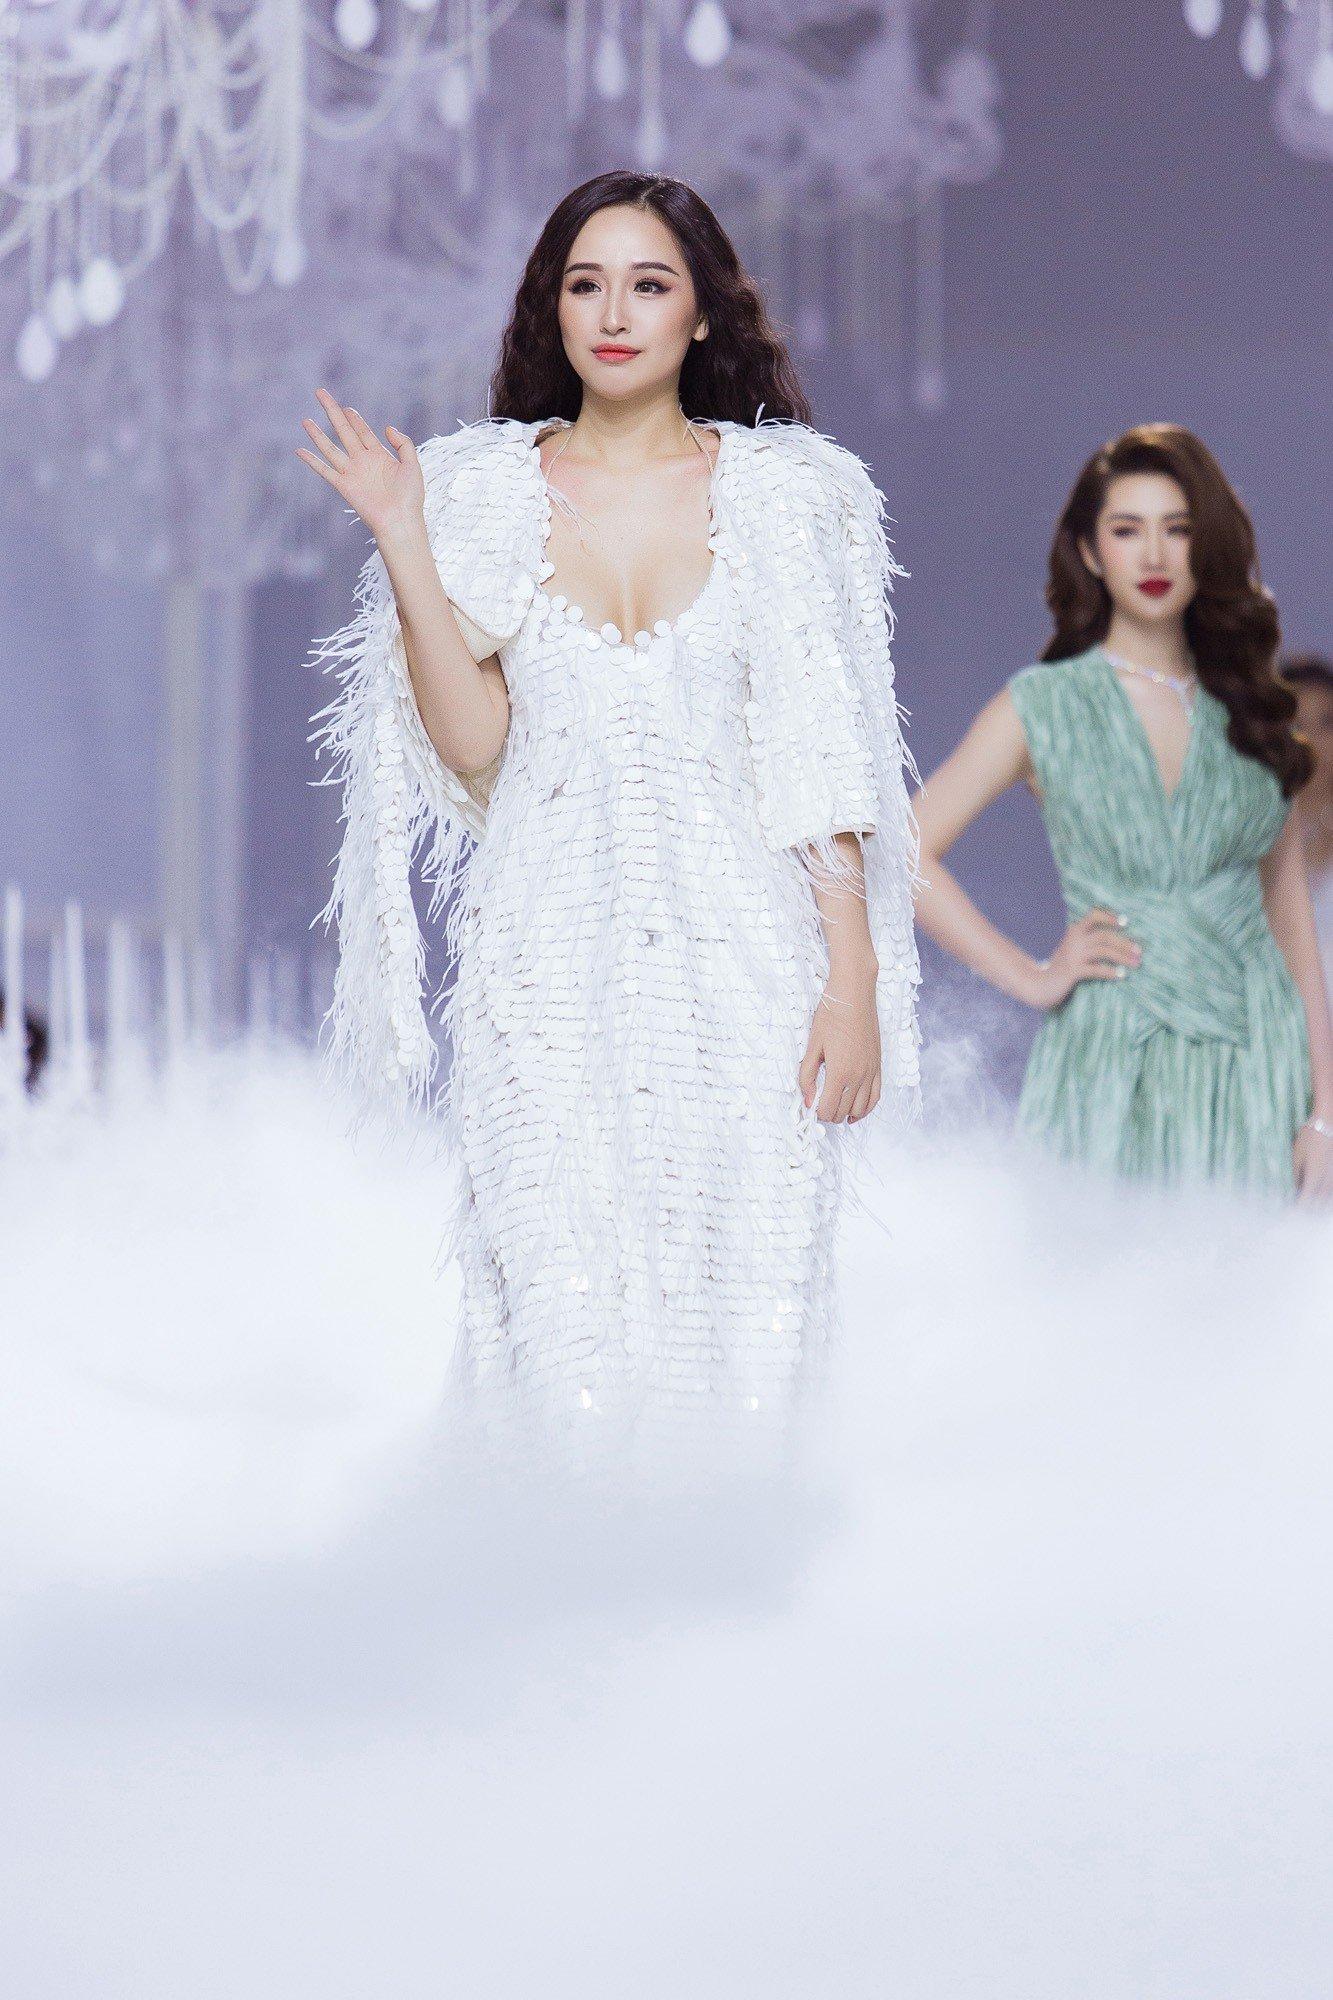 Hình ảnh Hồ Ngọc Hà bị chê phản cảm khi diện váy xuyên thấu lộ nội y quá bạo trong show của Lý Quí Khánh số 7